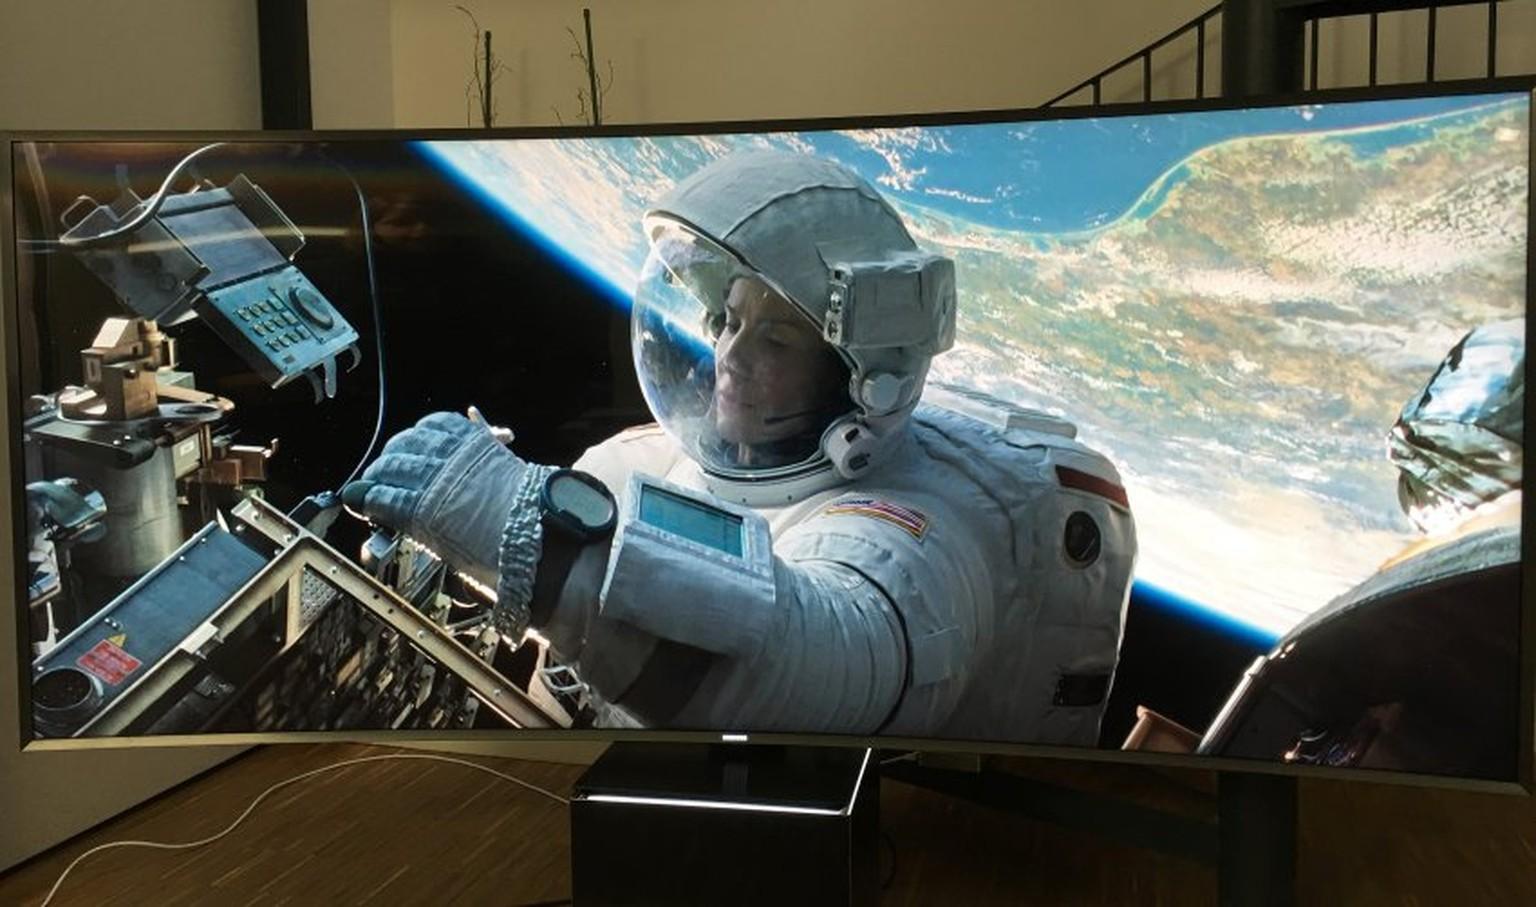 Spiegel Tv Samsung : Samsung s9w: der 22000 franken tv im test watson